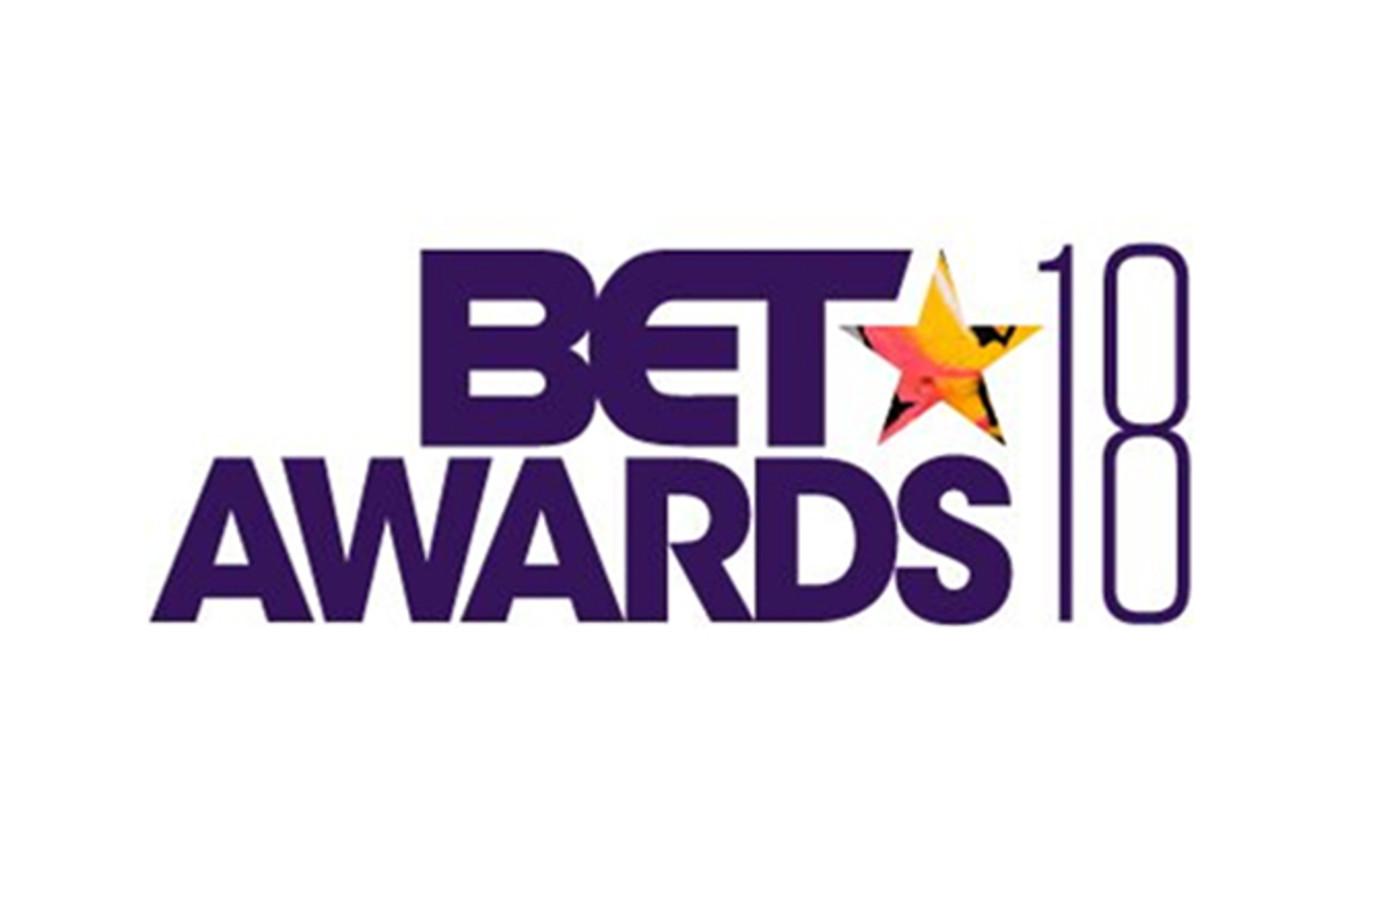 bet-awards-2018-logo